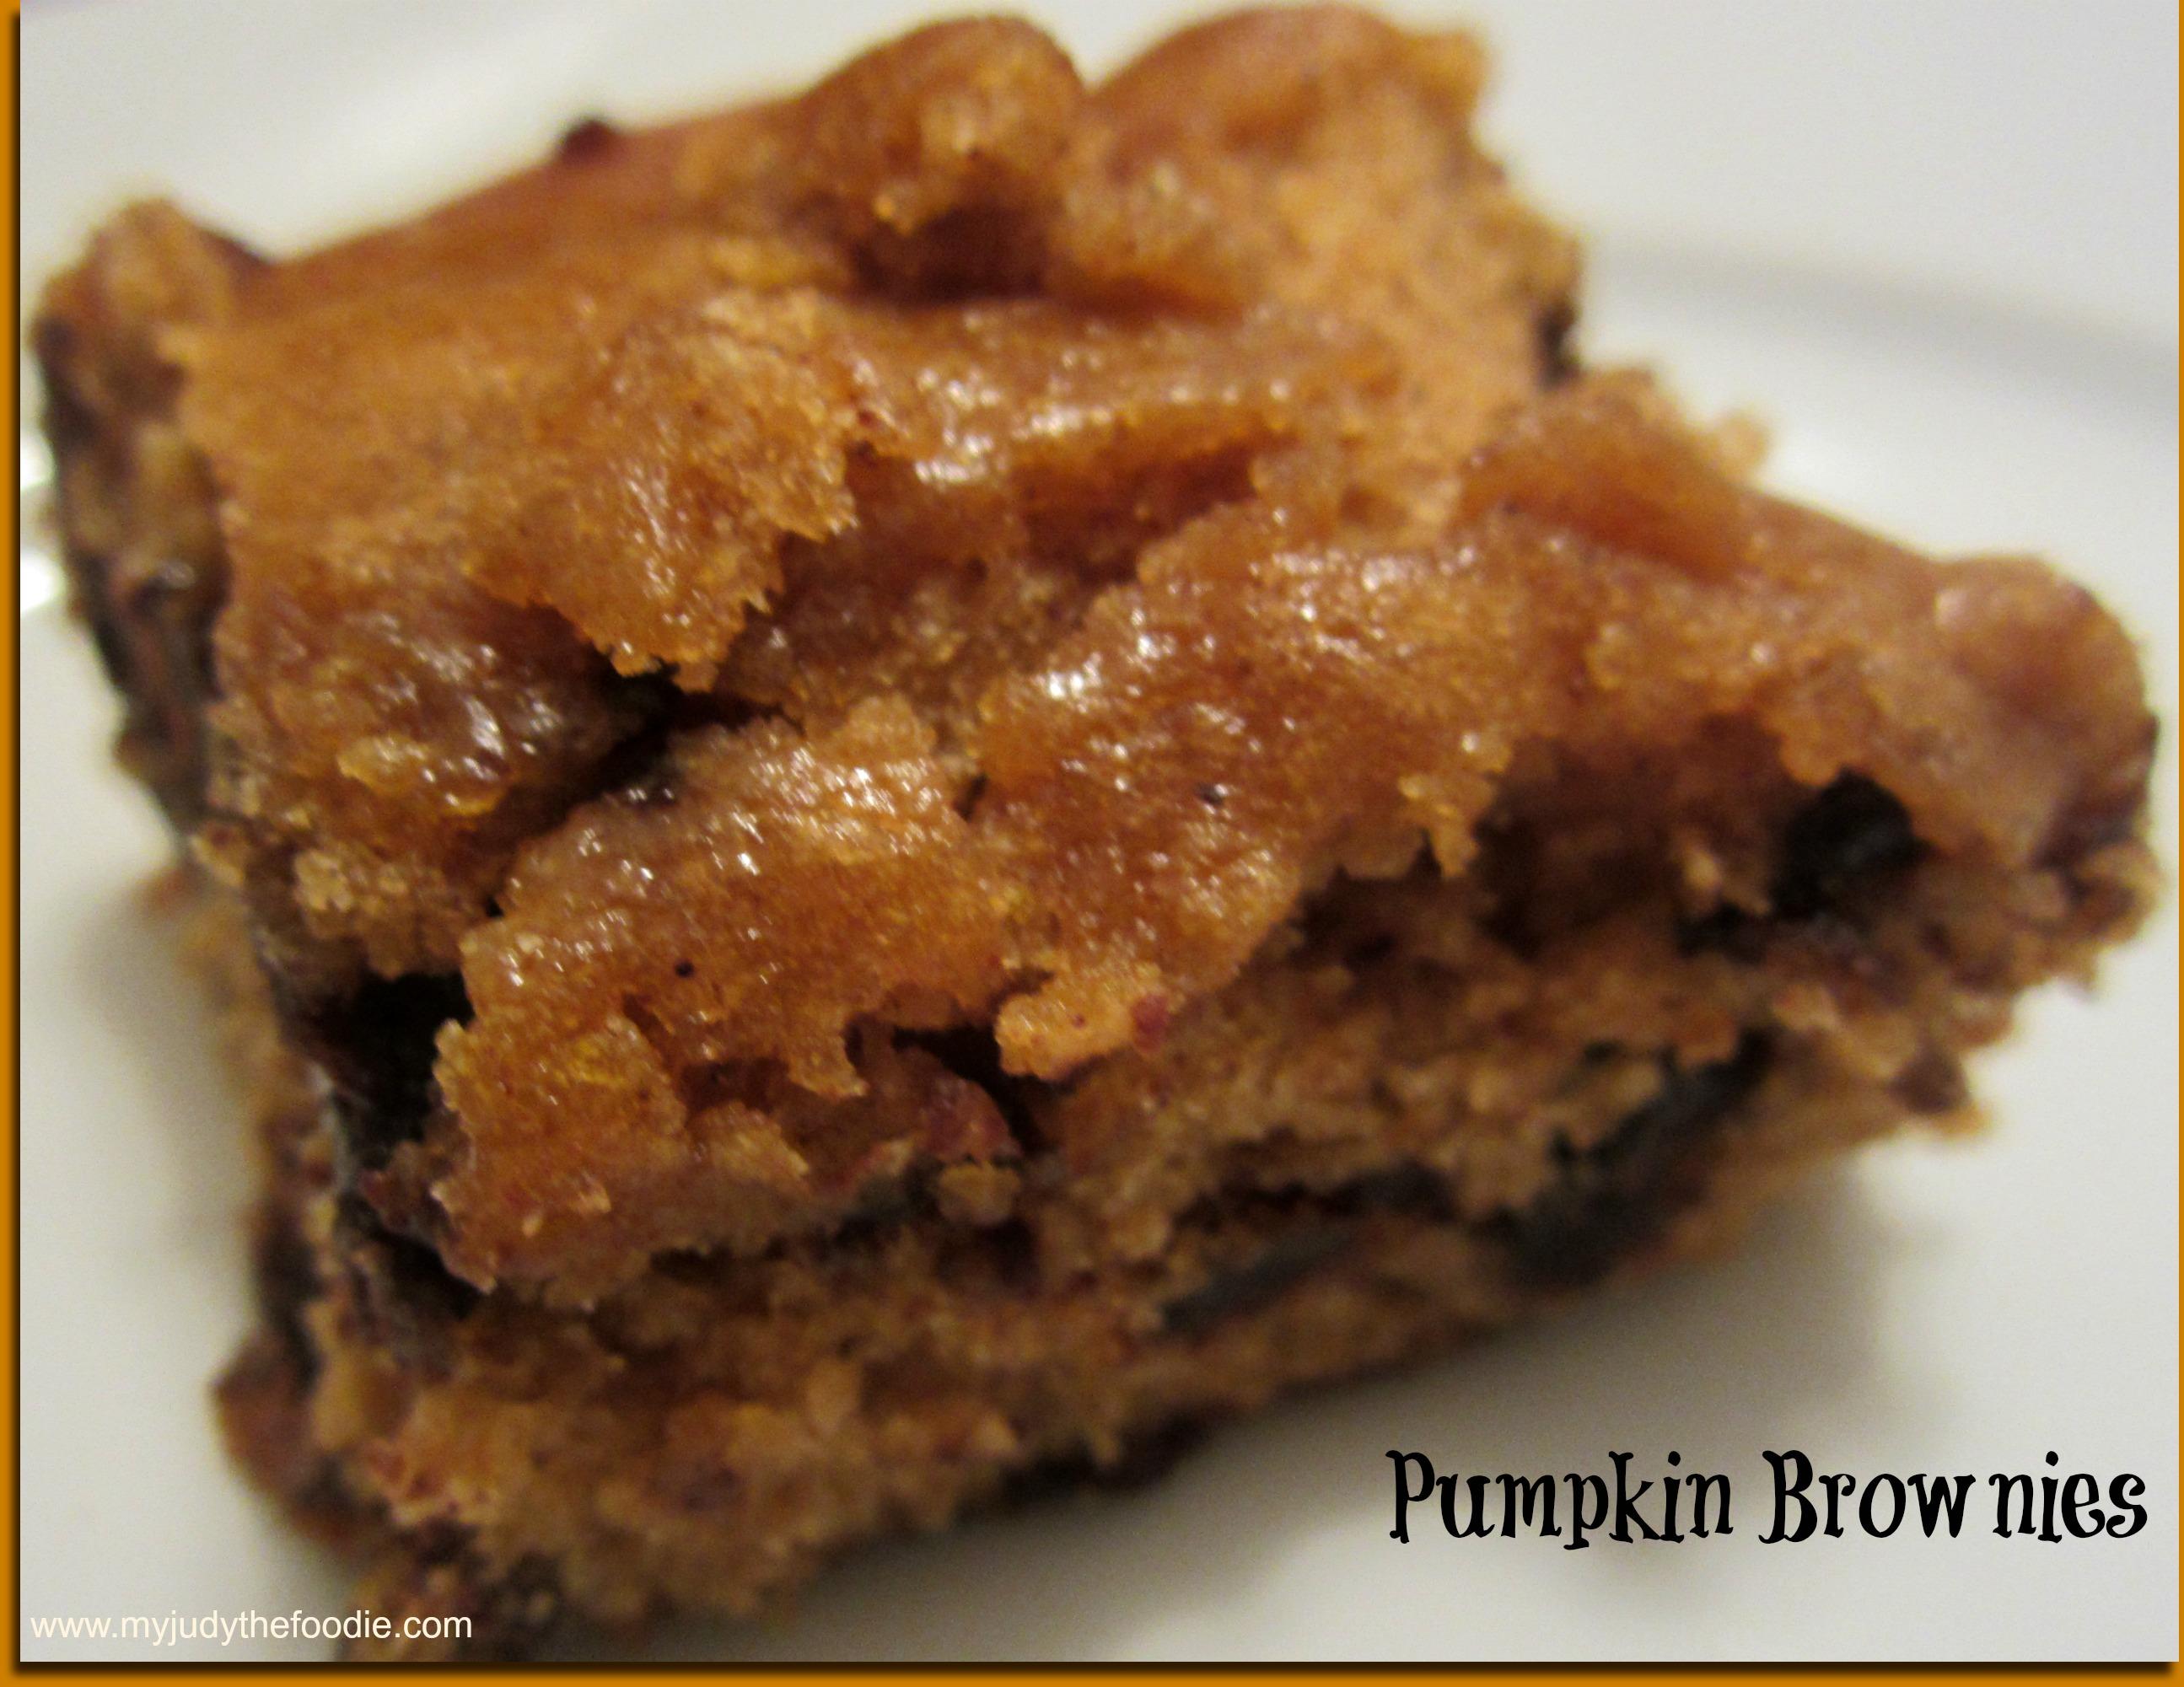 Pumpkin Brownies - My Judy the Foodie